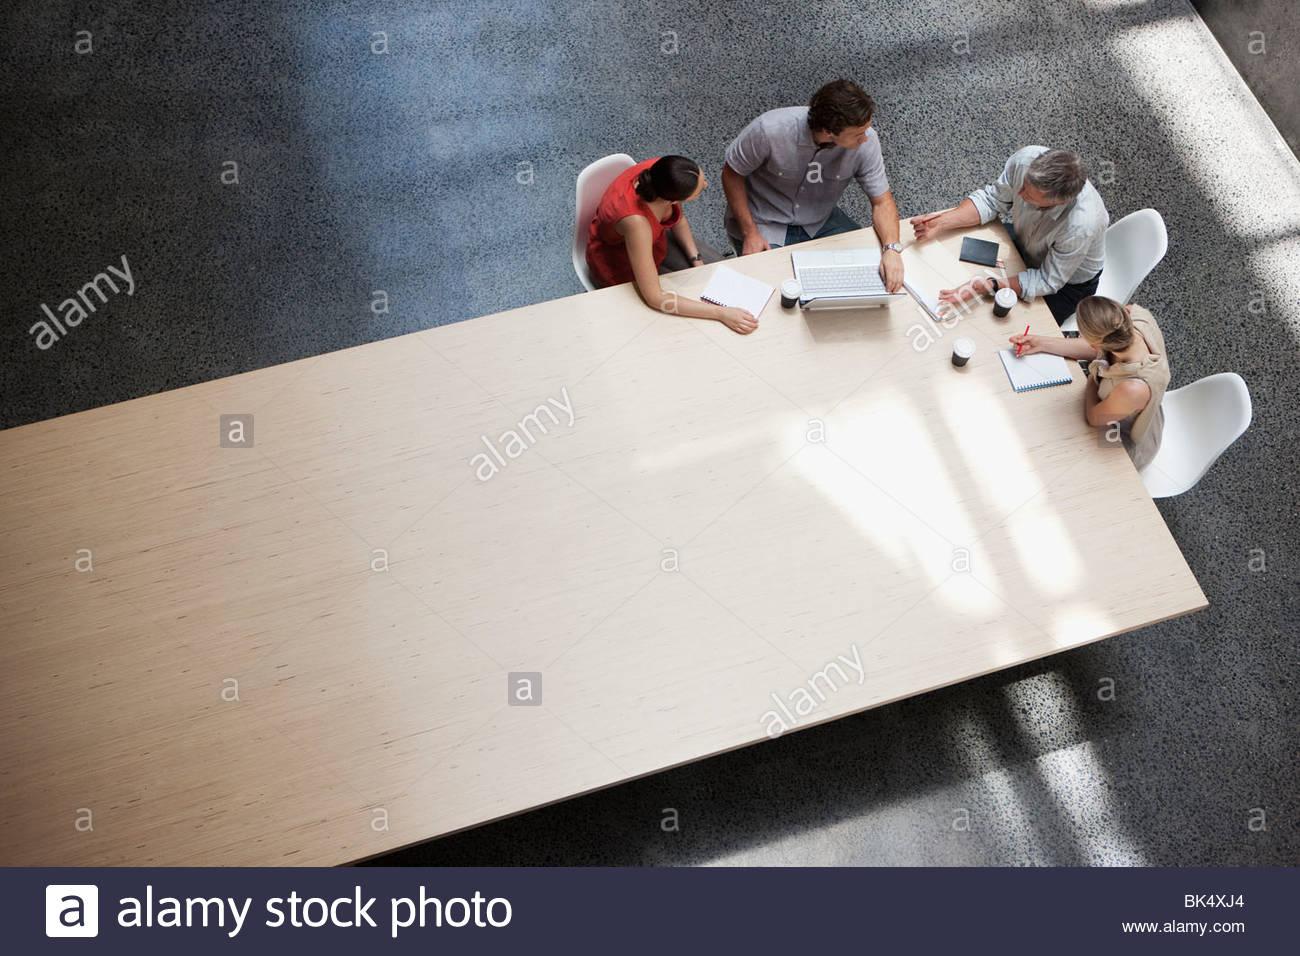 Pessoas de Negócios reunião na mesa de conferência Imagens de Stock